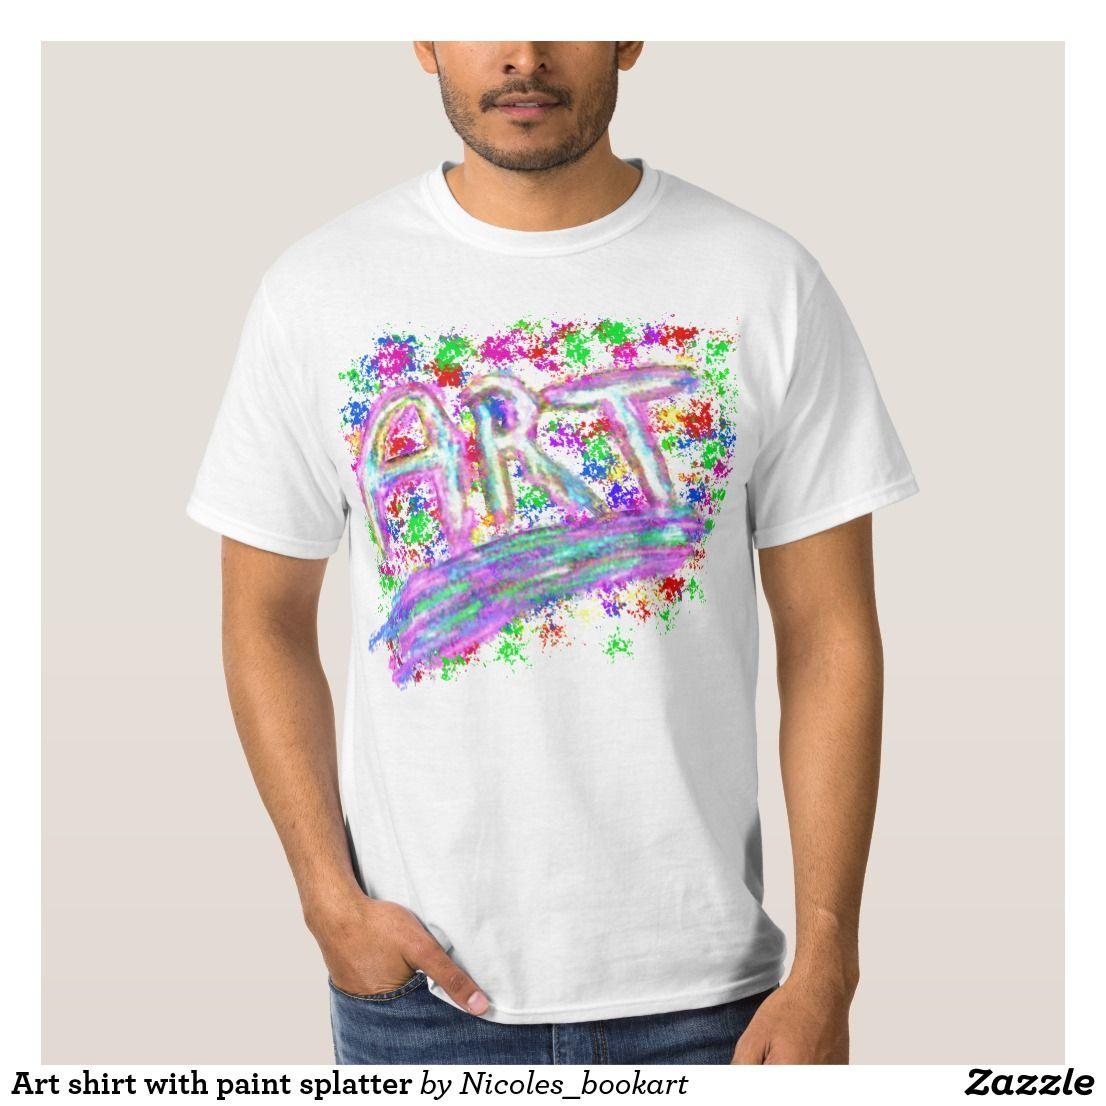 Art shirt with paint splatter